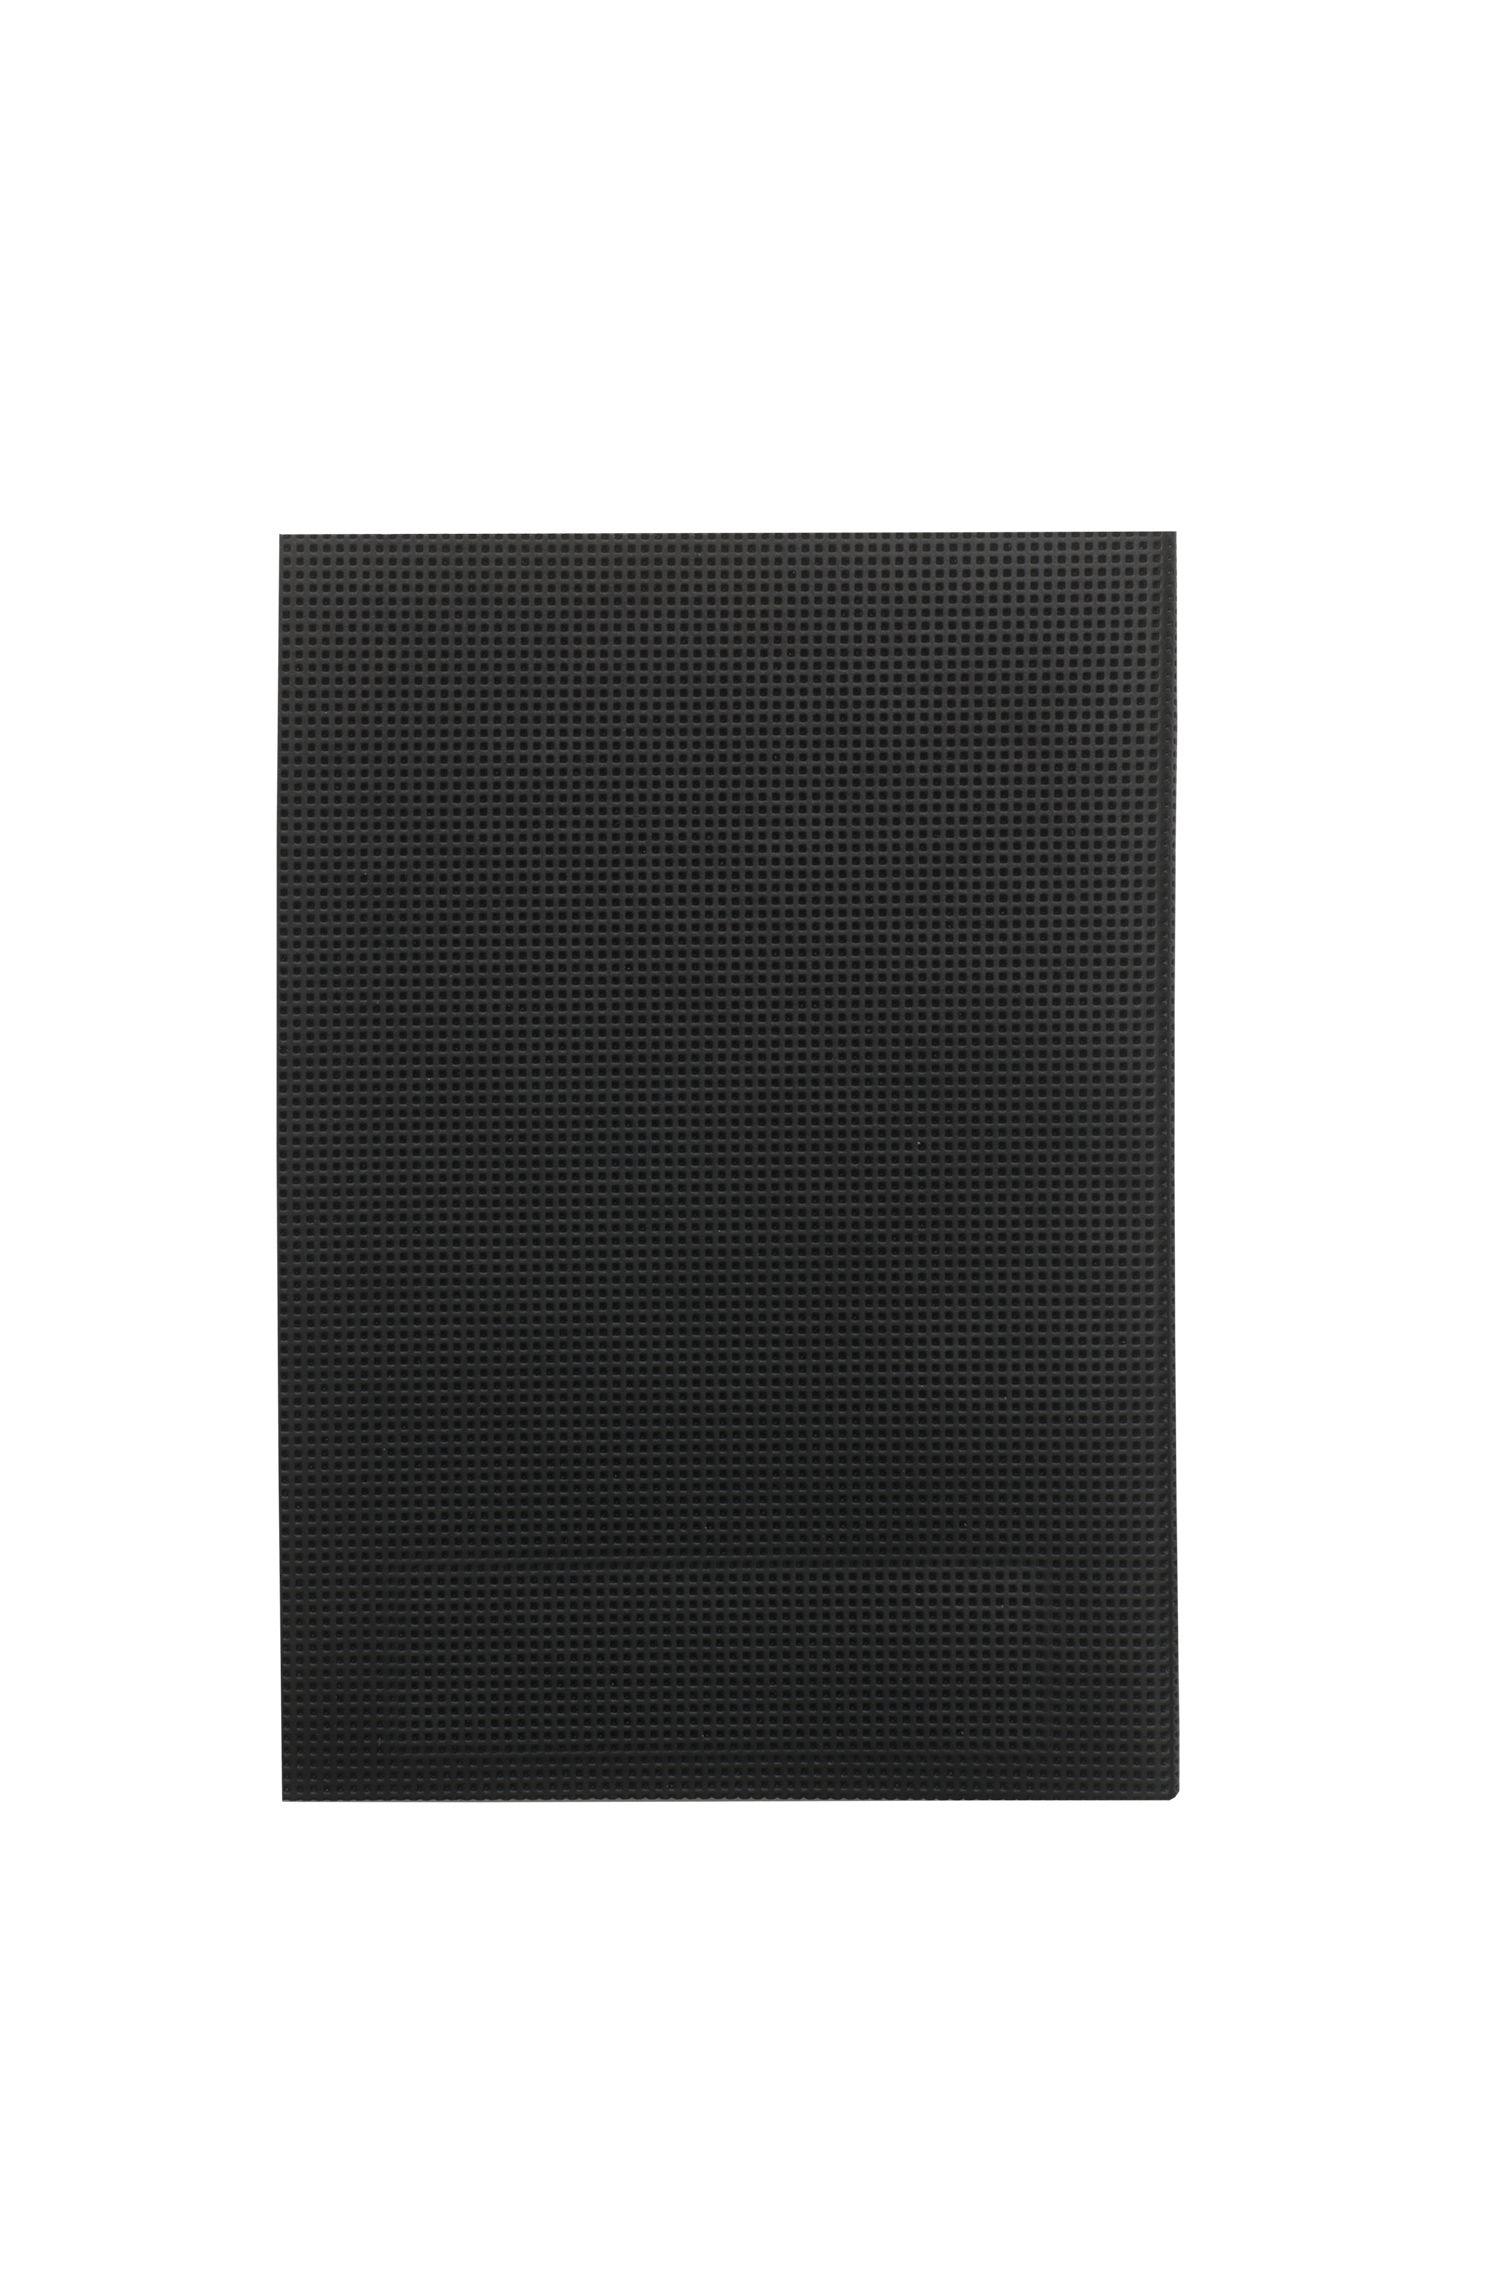 A5 Notizbuch: 'Grid Soft'